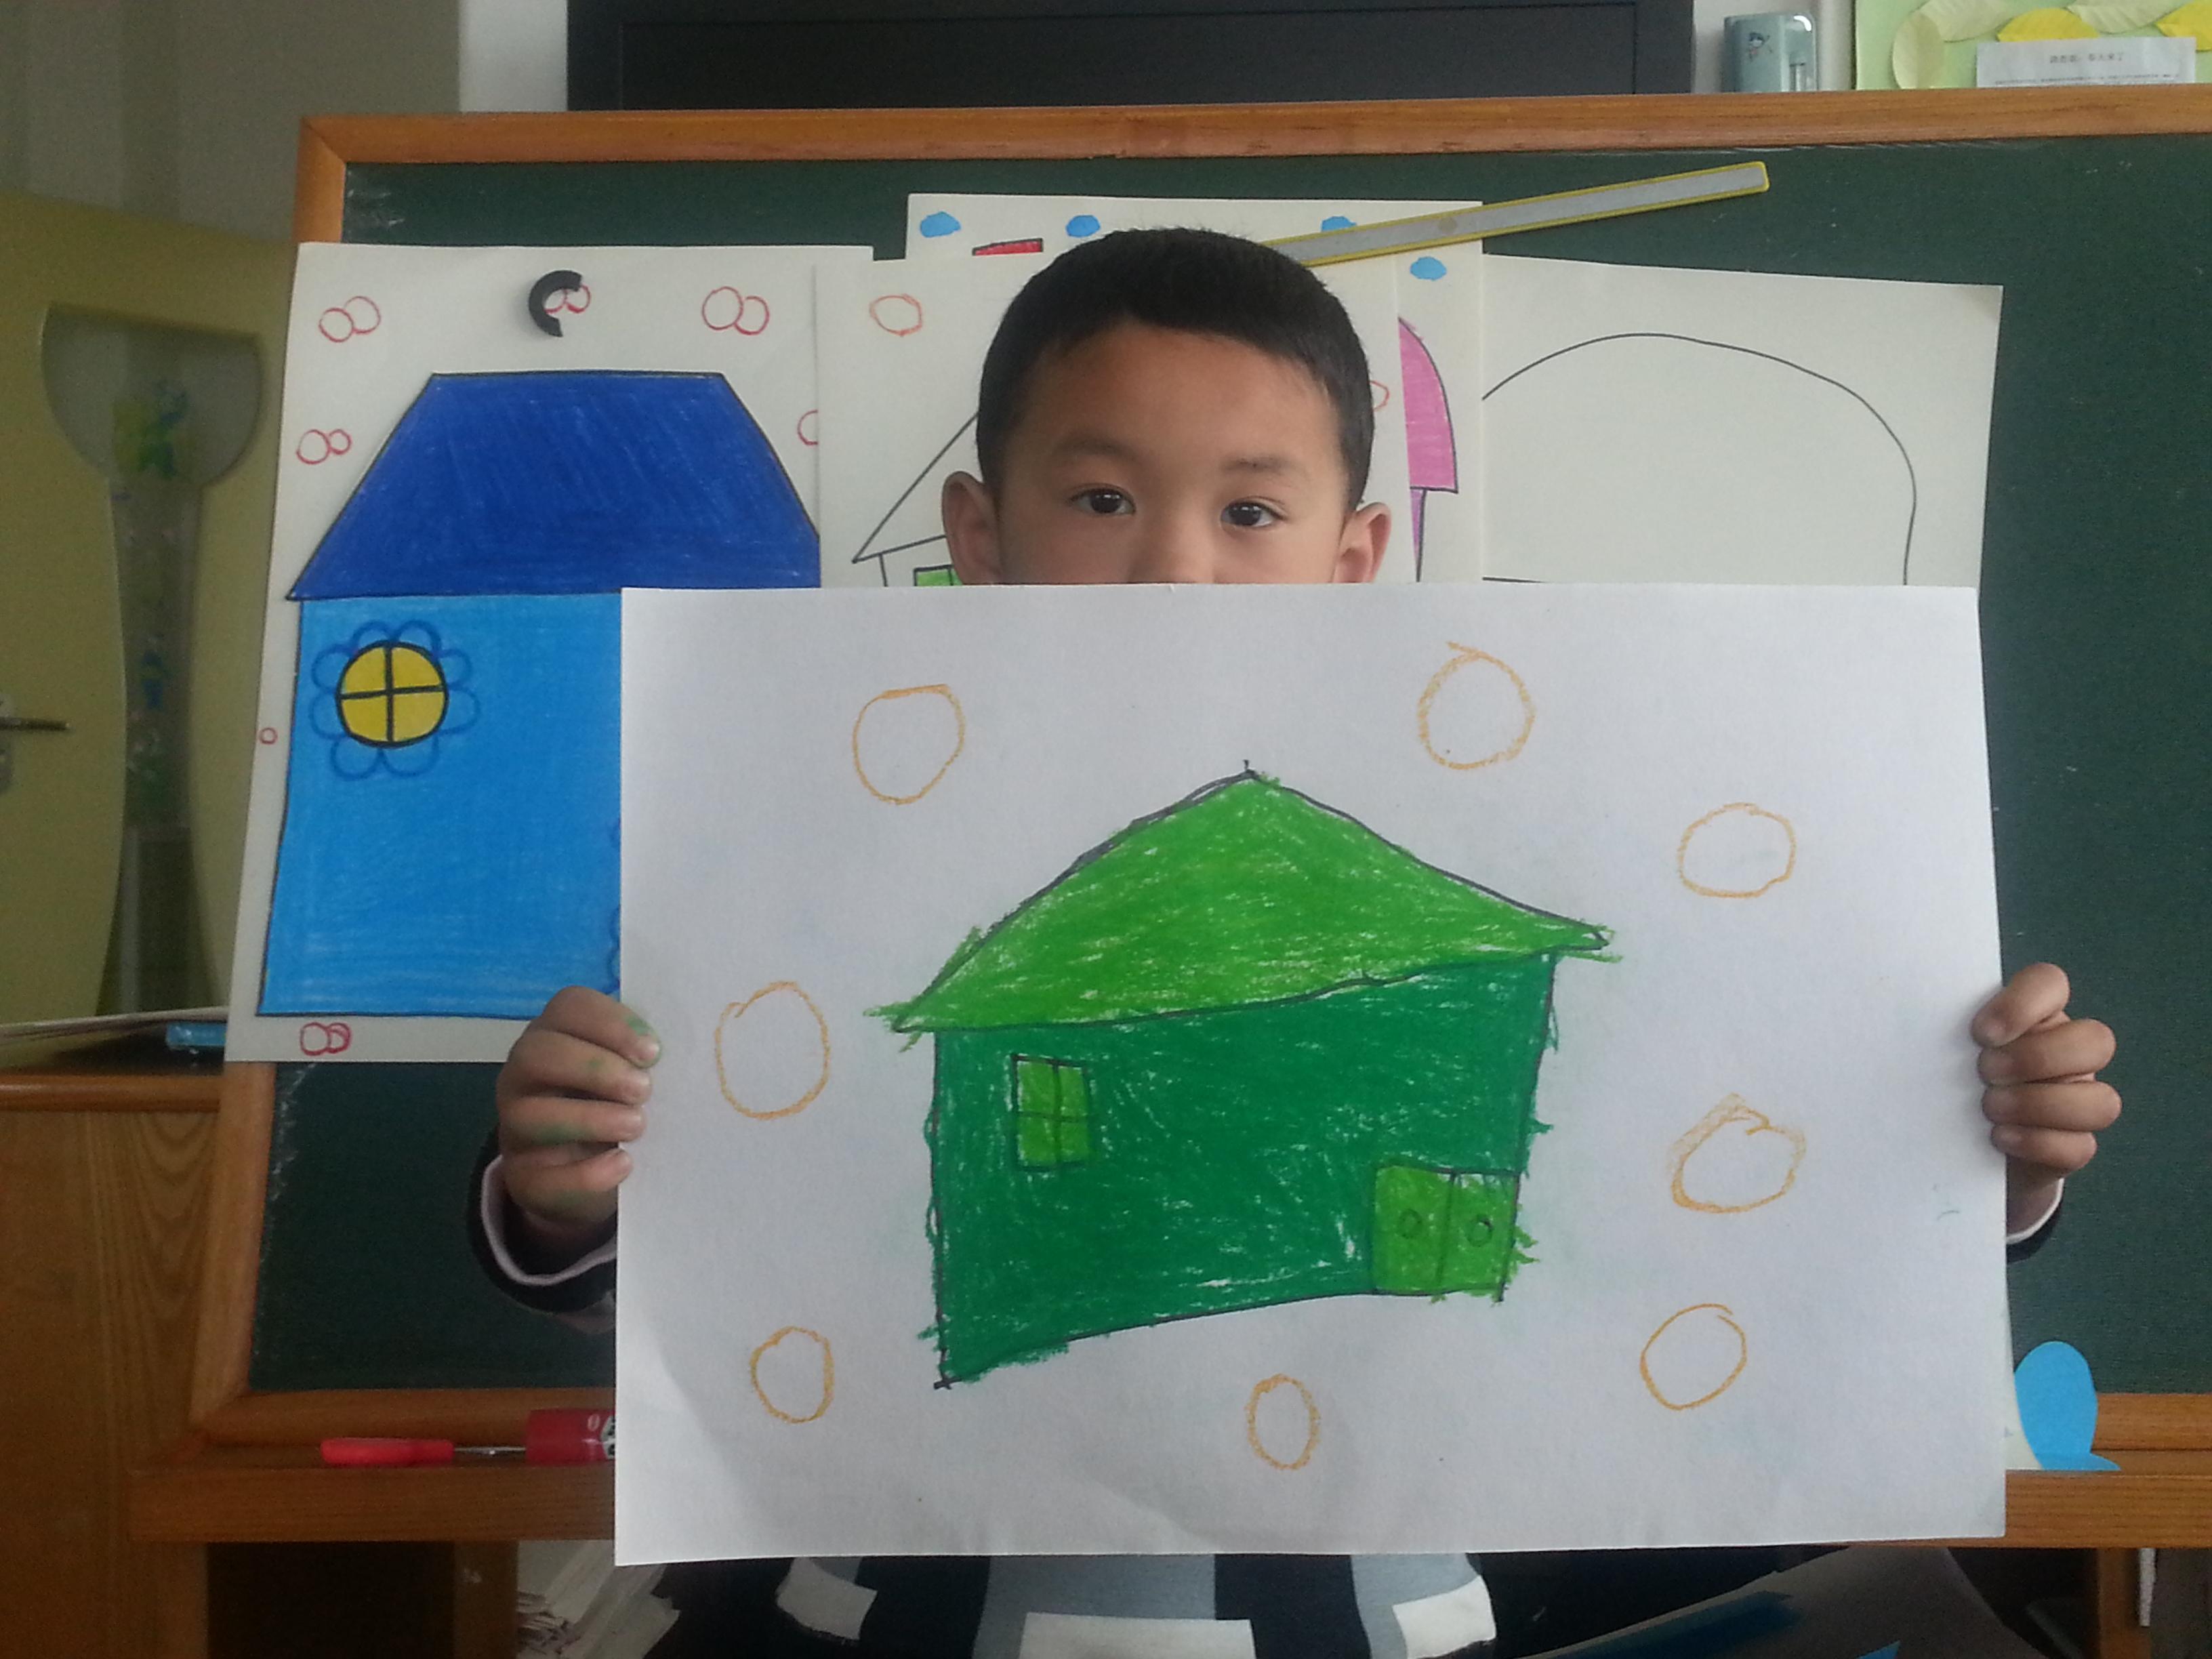 美术:果酱小房子              发布时间: 2013年5月13日